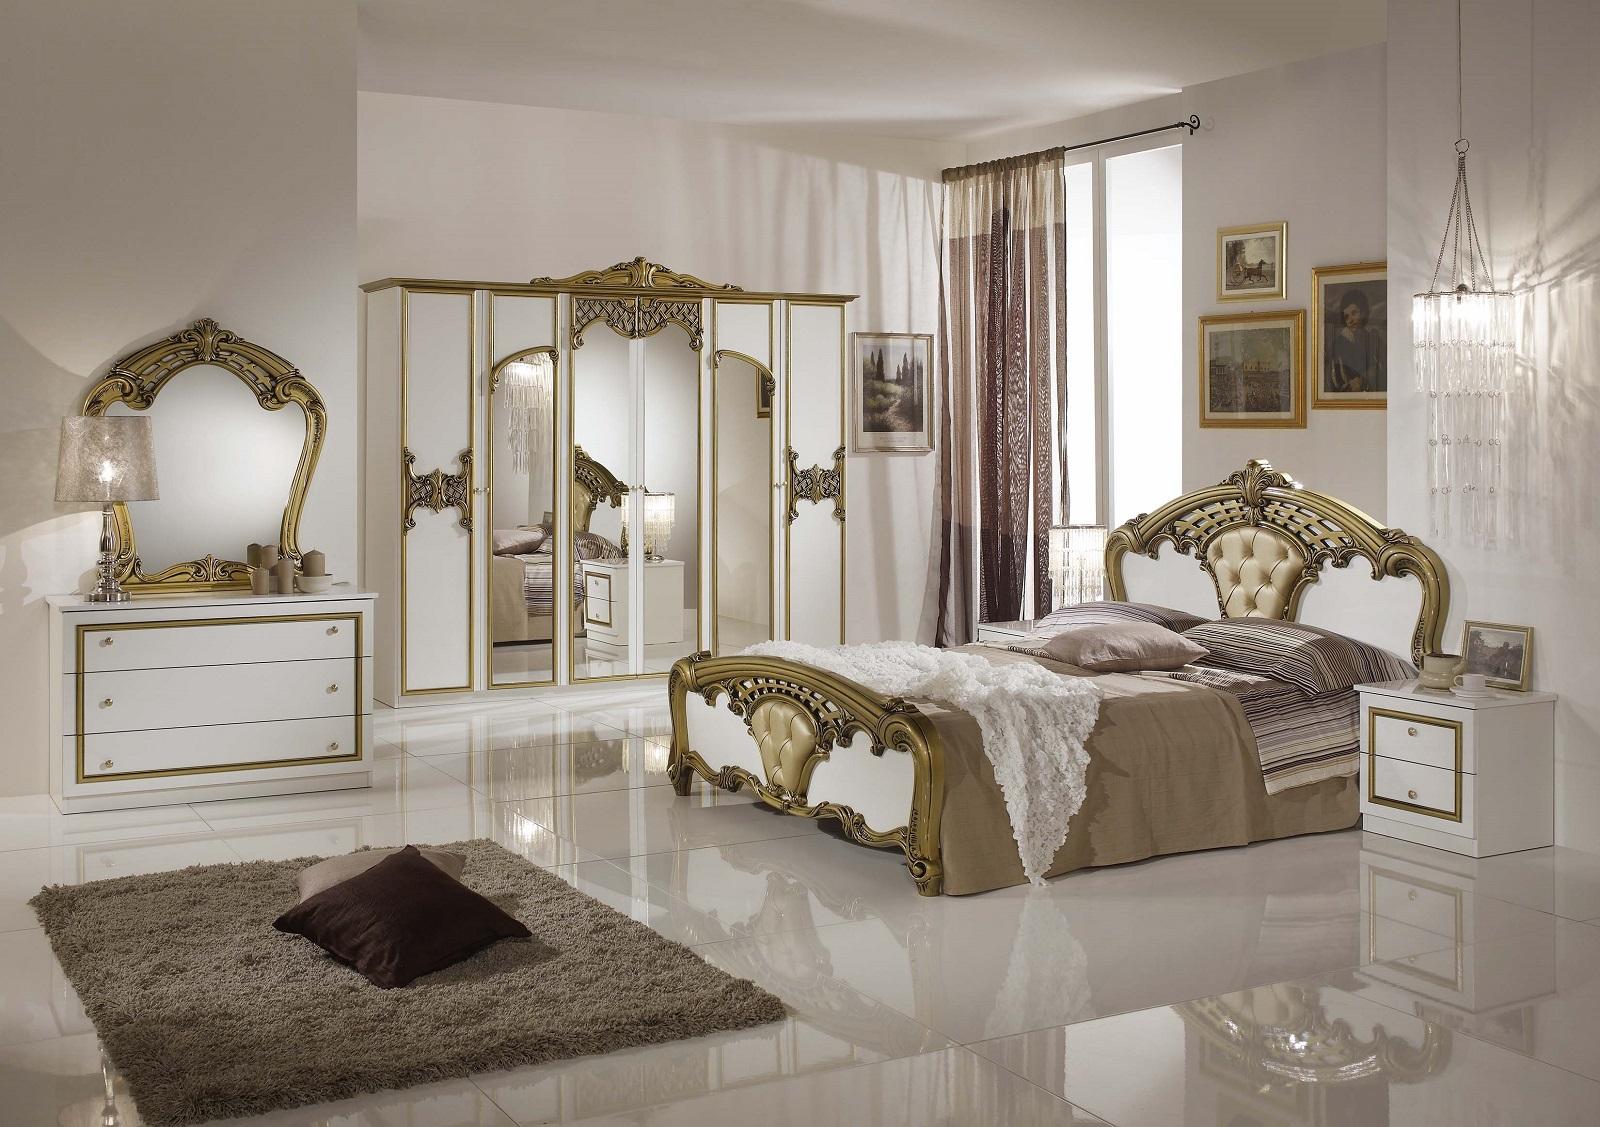 Eva Italian Bedroom Set (Ref: 1133) Complete Bedroom Set Including Mattress